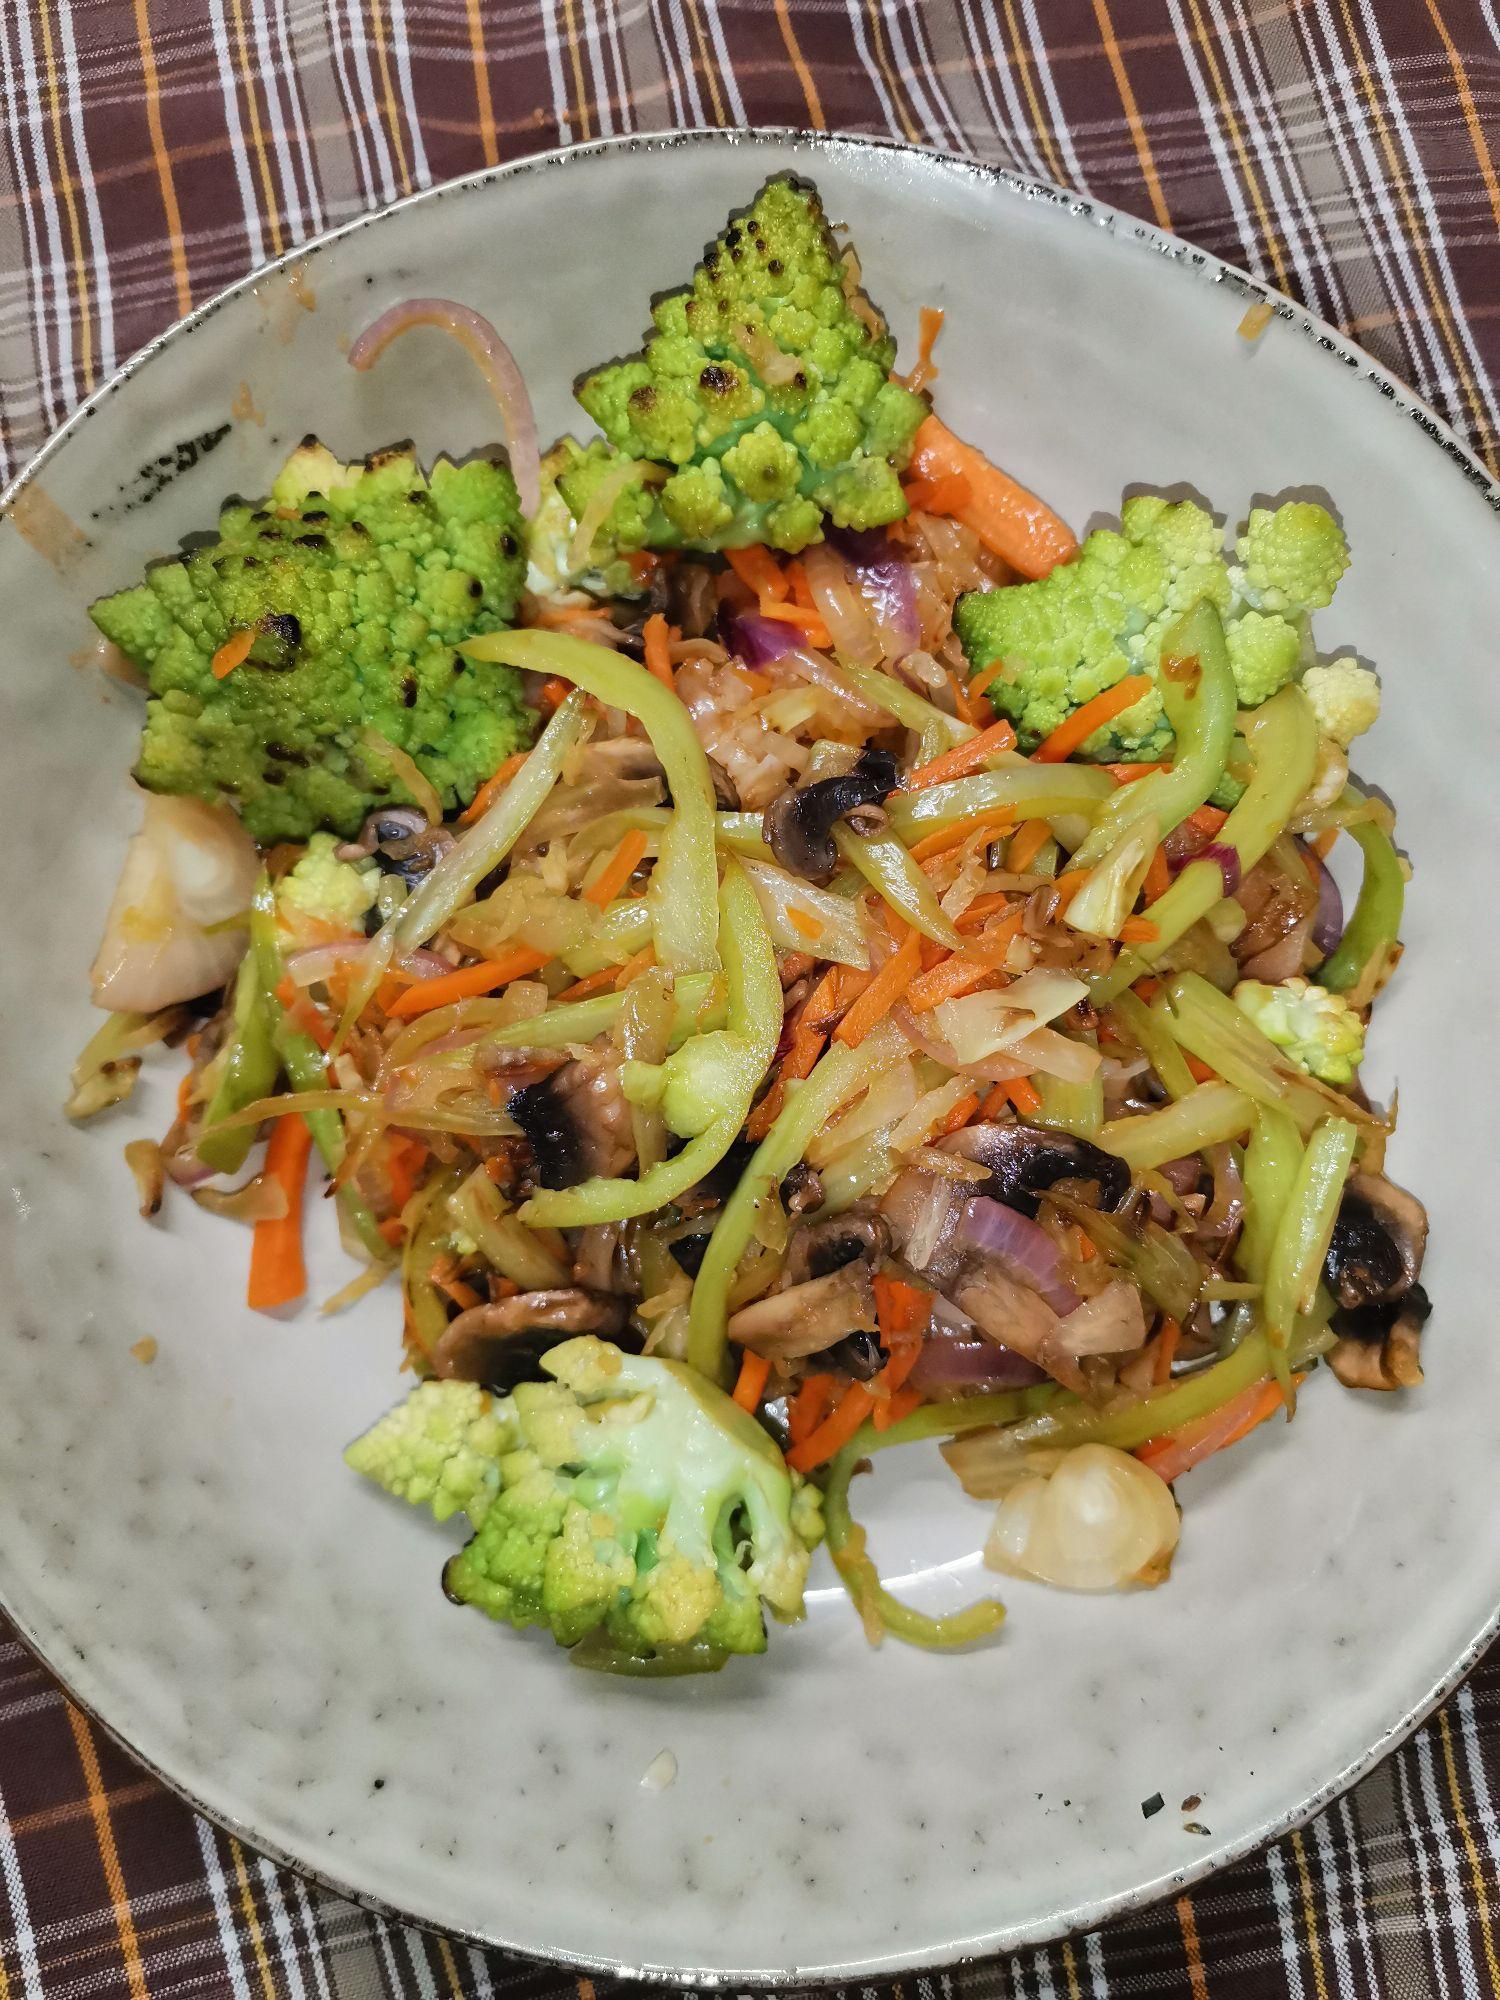 Лапша рисовая с капустой романеско, овощами и копченой куриной грудкой с соусом пад тай